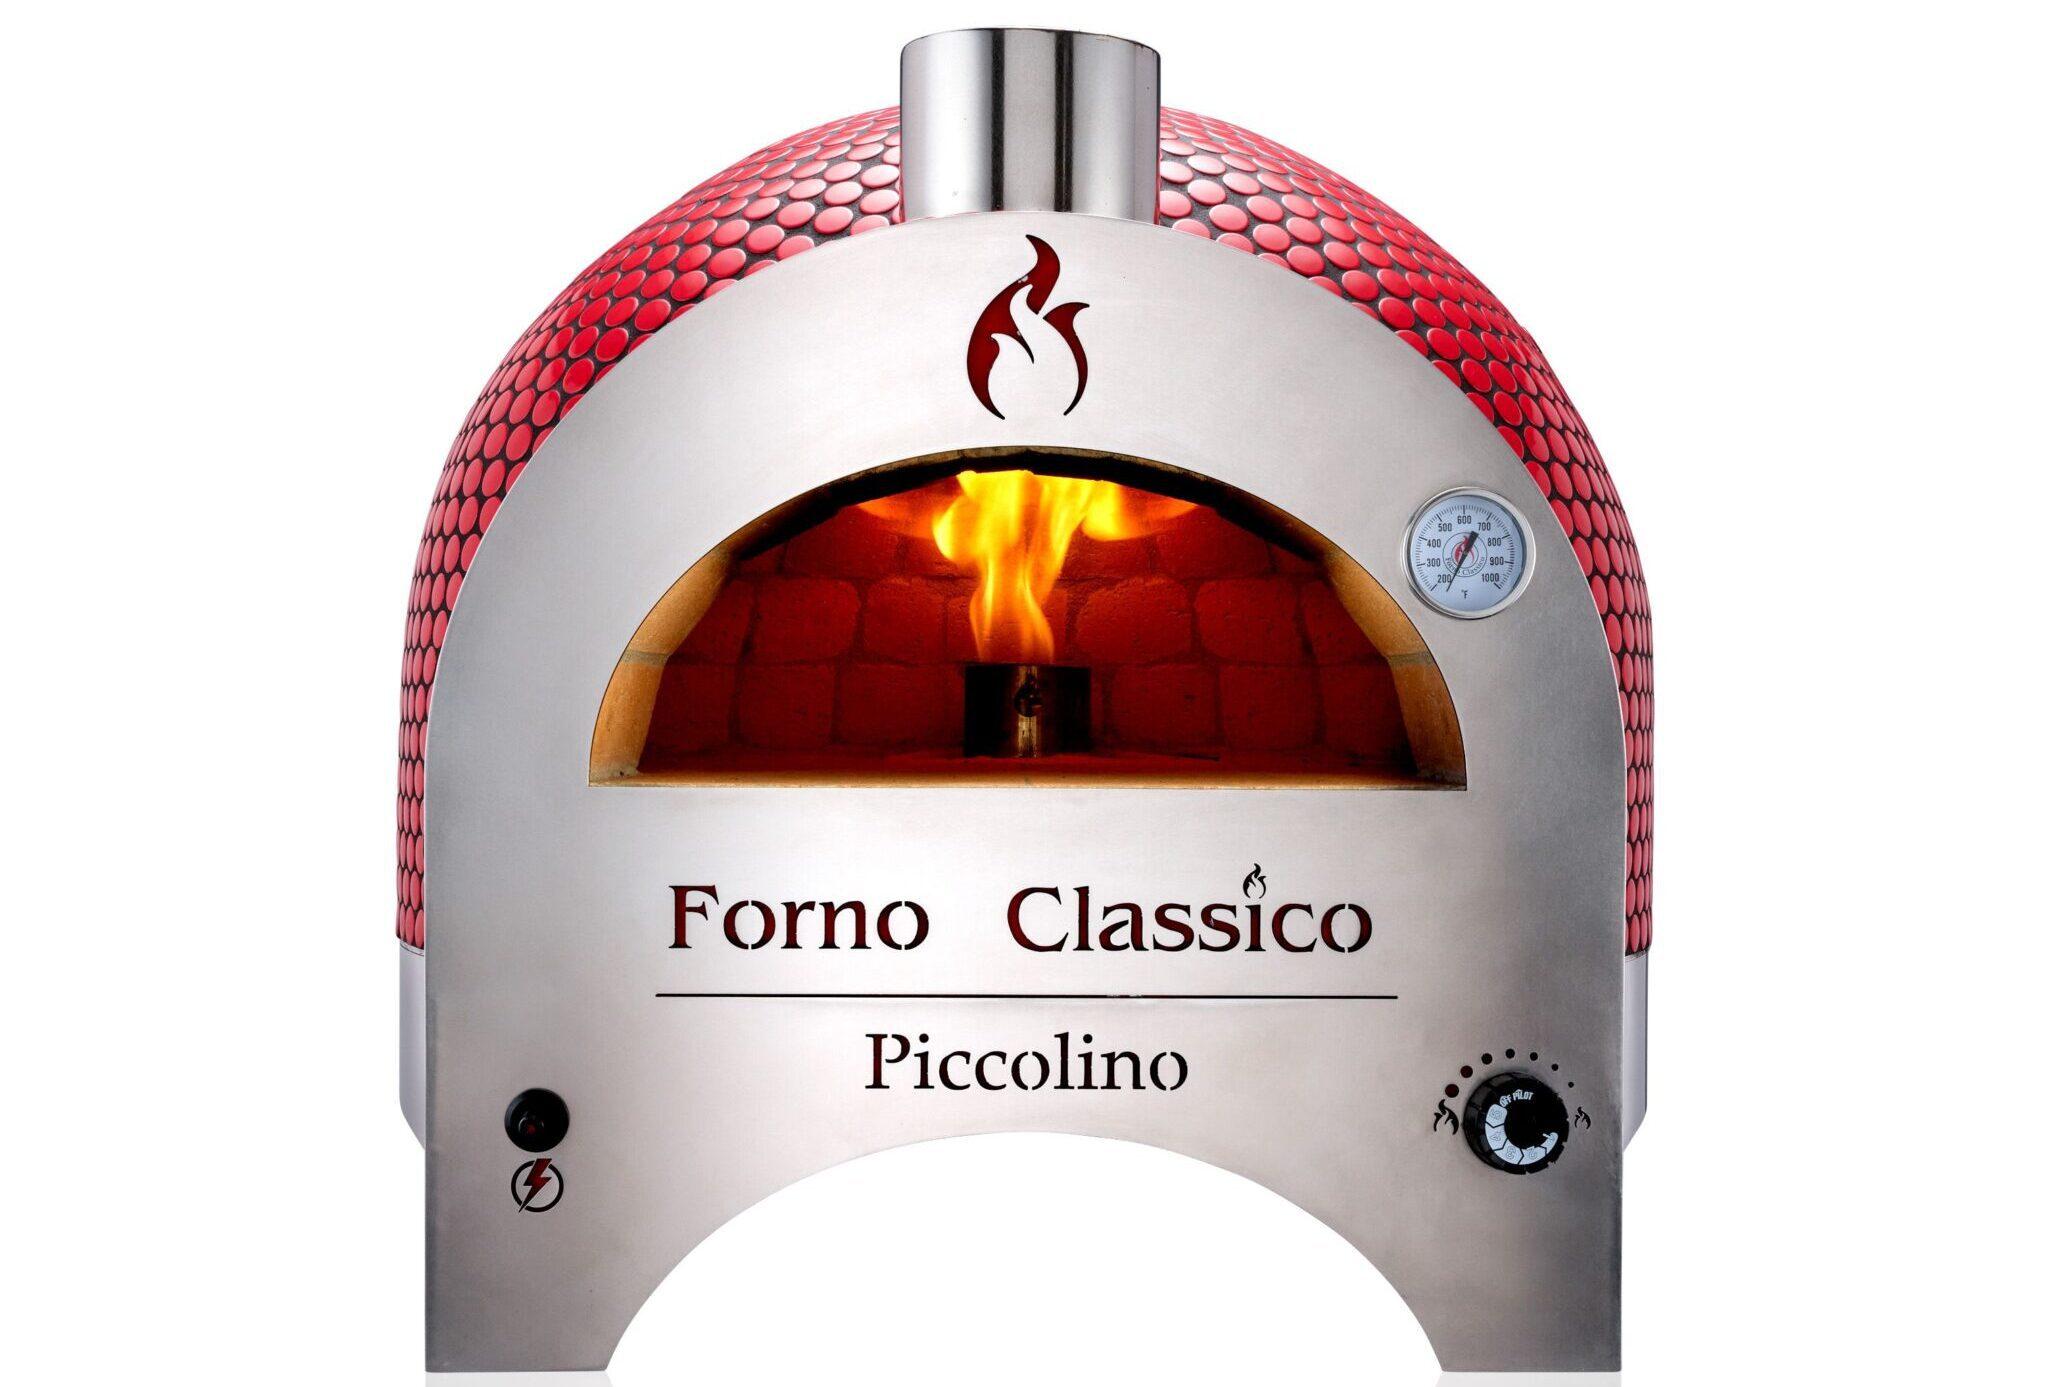 Forno Classico Piccolino Pizza Oven